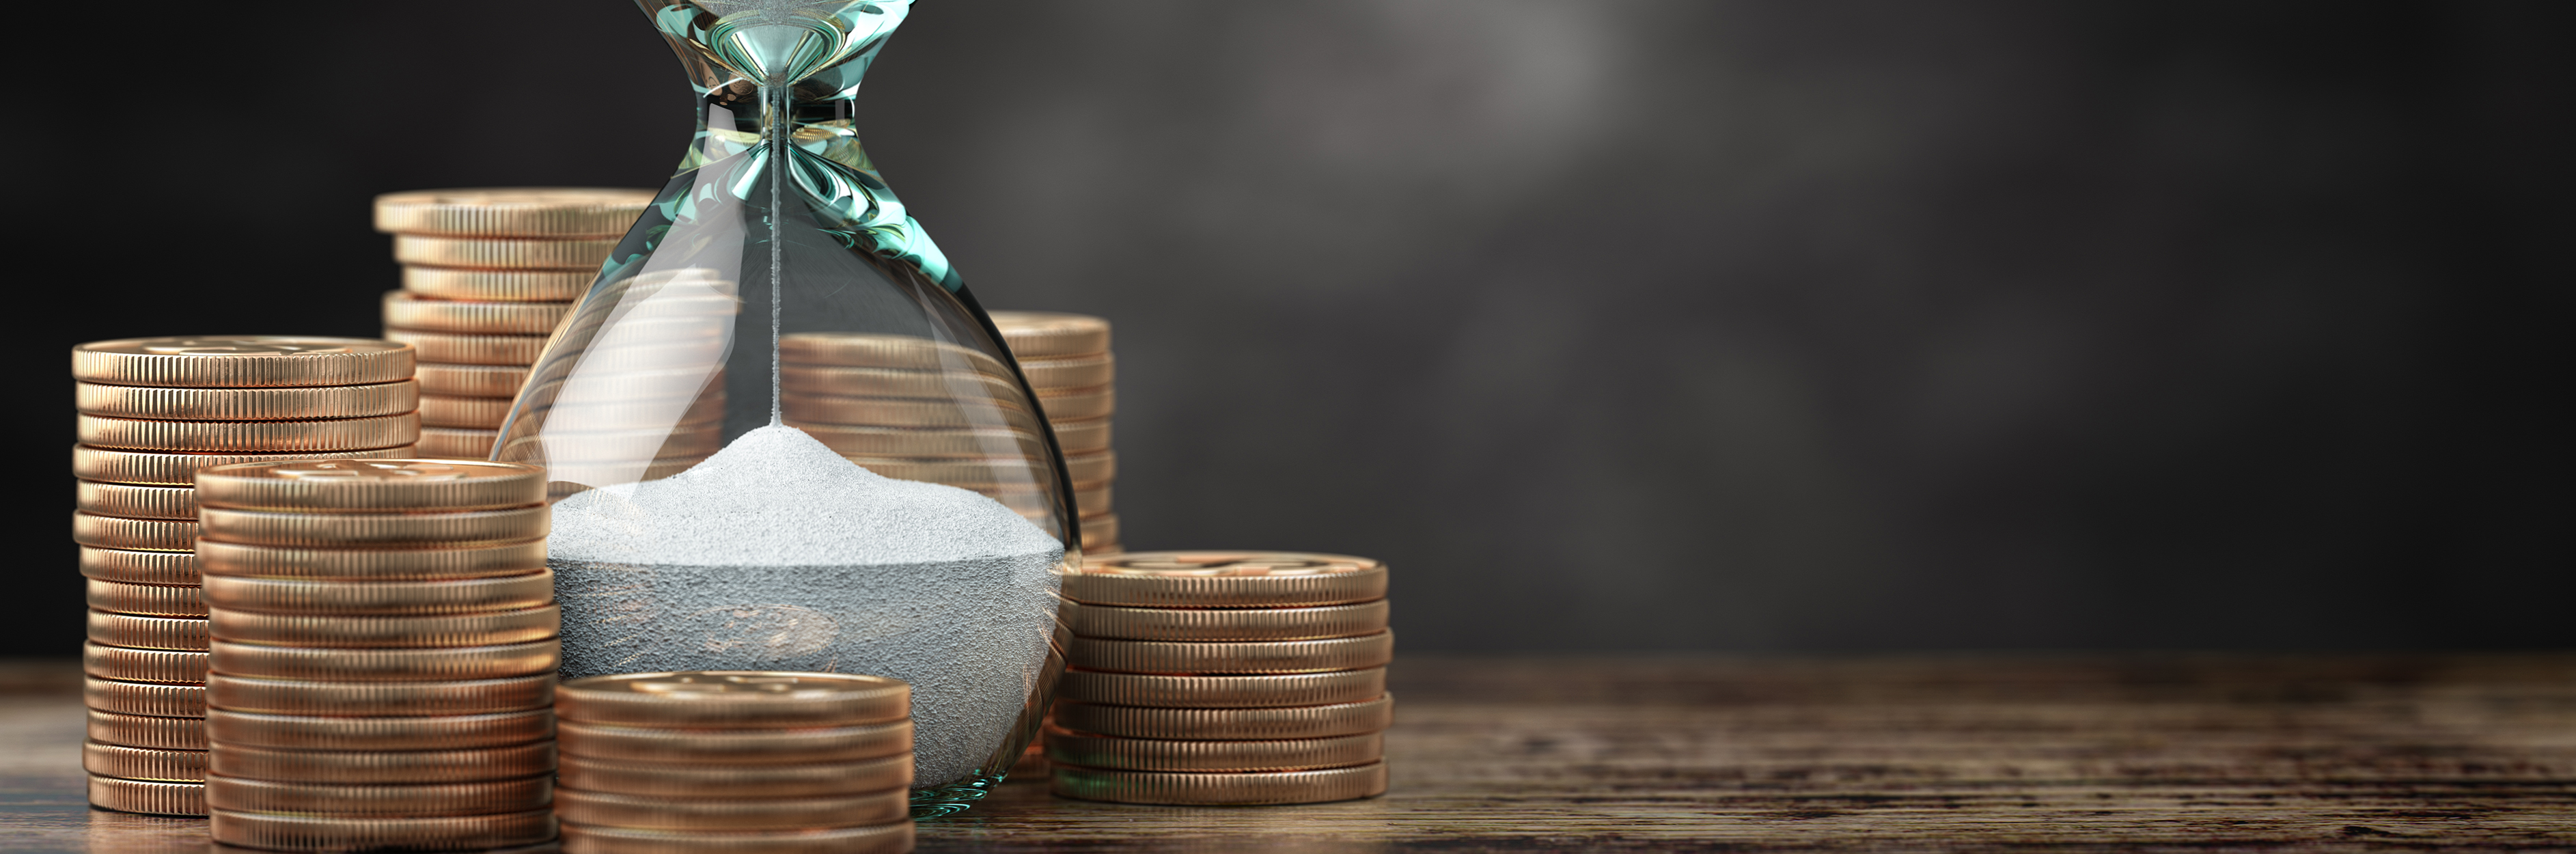 """El 28 de desembre de 2020 un gran nombre de creditors podrien """"perdre"""" els seus drets de crèdit"""